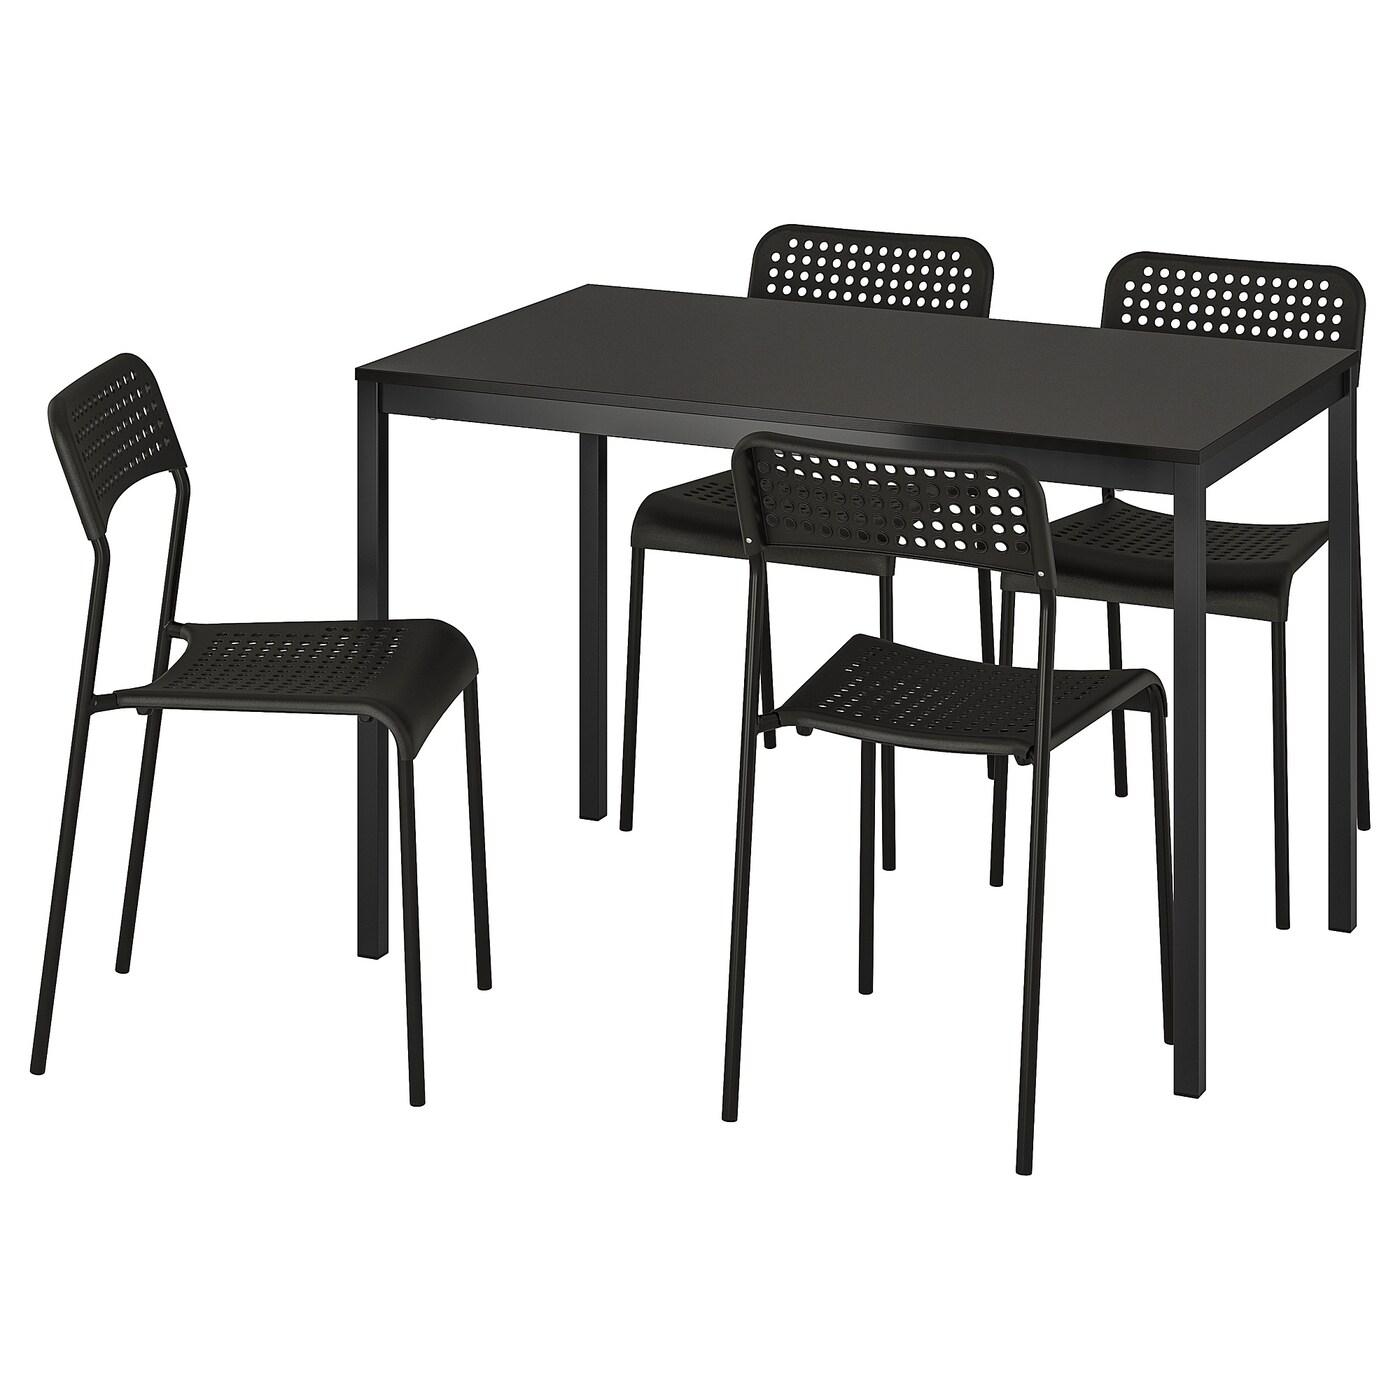 TÄRENDÖ / ADDE Mesa e 4 cadeiras - preto 110 cm